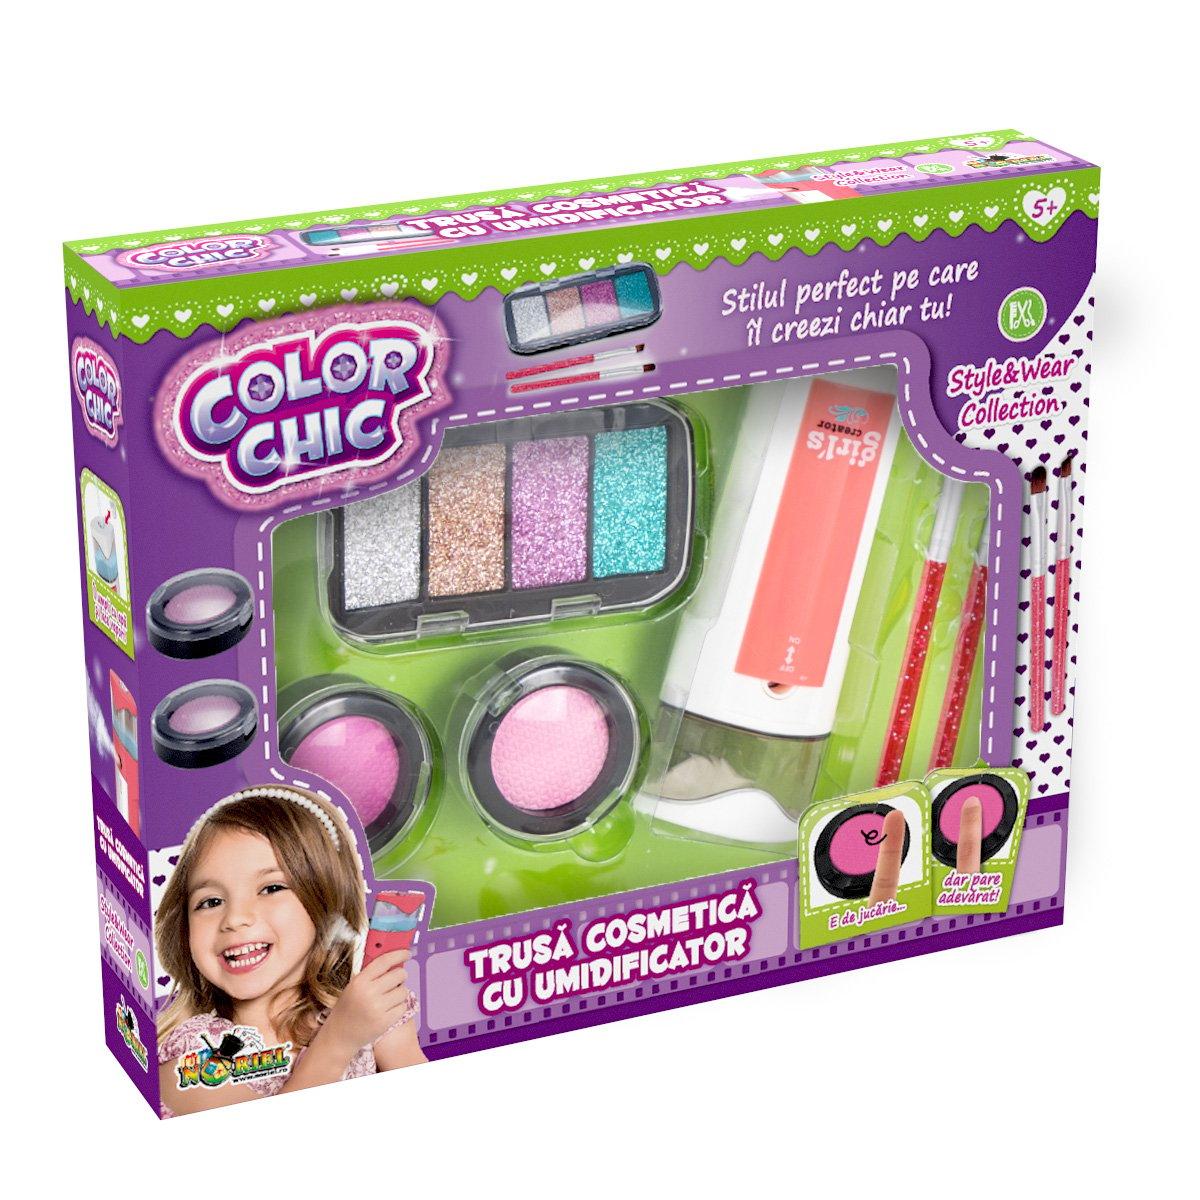 Set de creatie Color Chic, Trusa de cosmetica cu umidificator